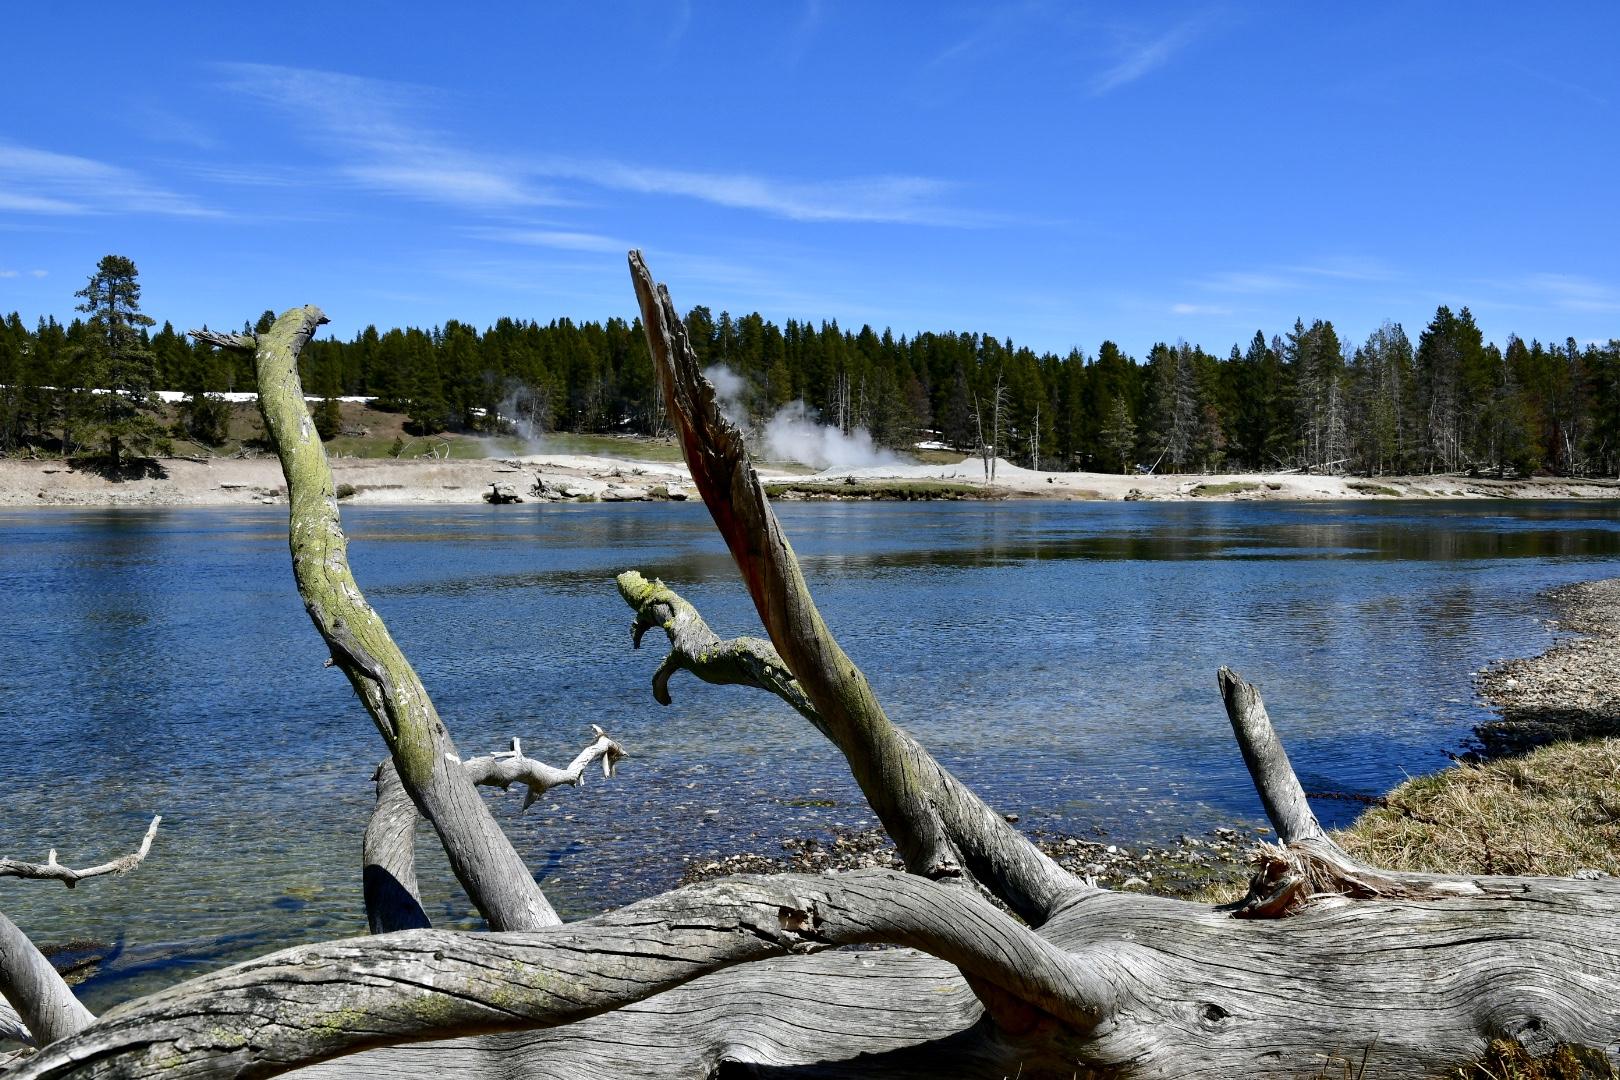 liegendes Baumgerippe vor seichtem glasklarem Fluss, am anderen Ufer qualmt es an mehreren Stellen aus Felsspalten heraus